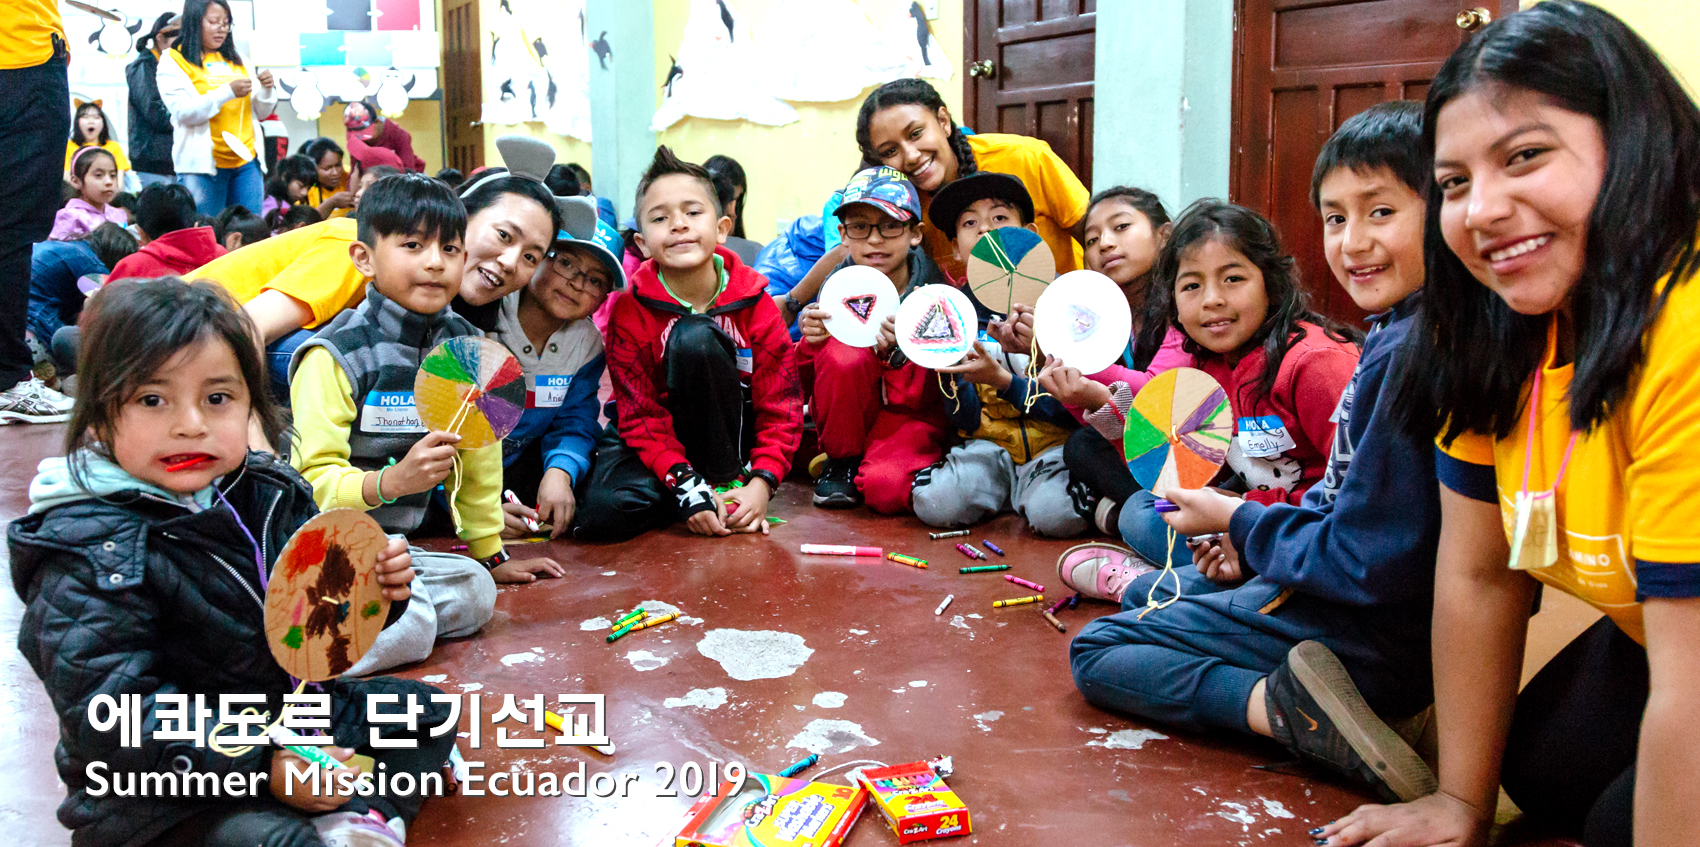 Ecuador Mission 2019-4